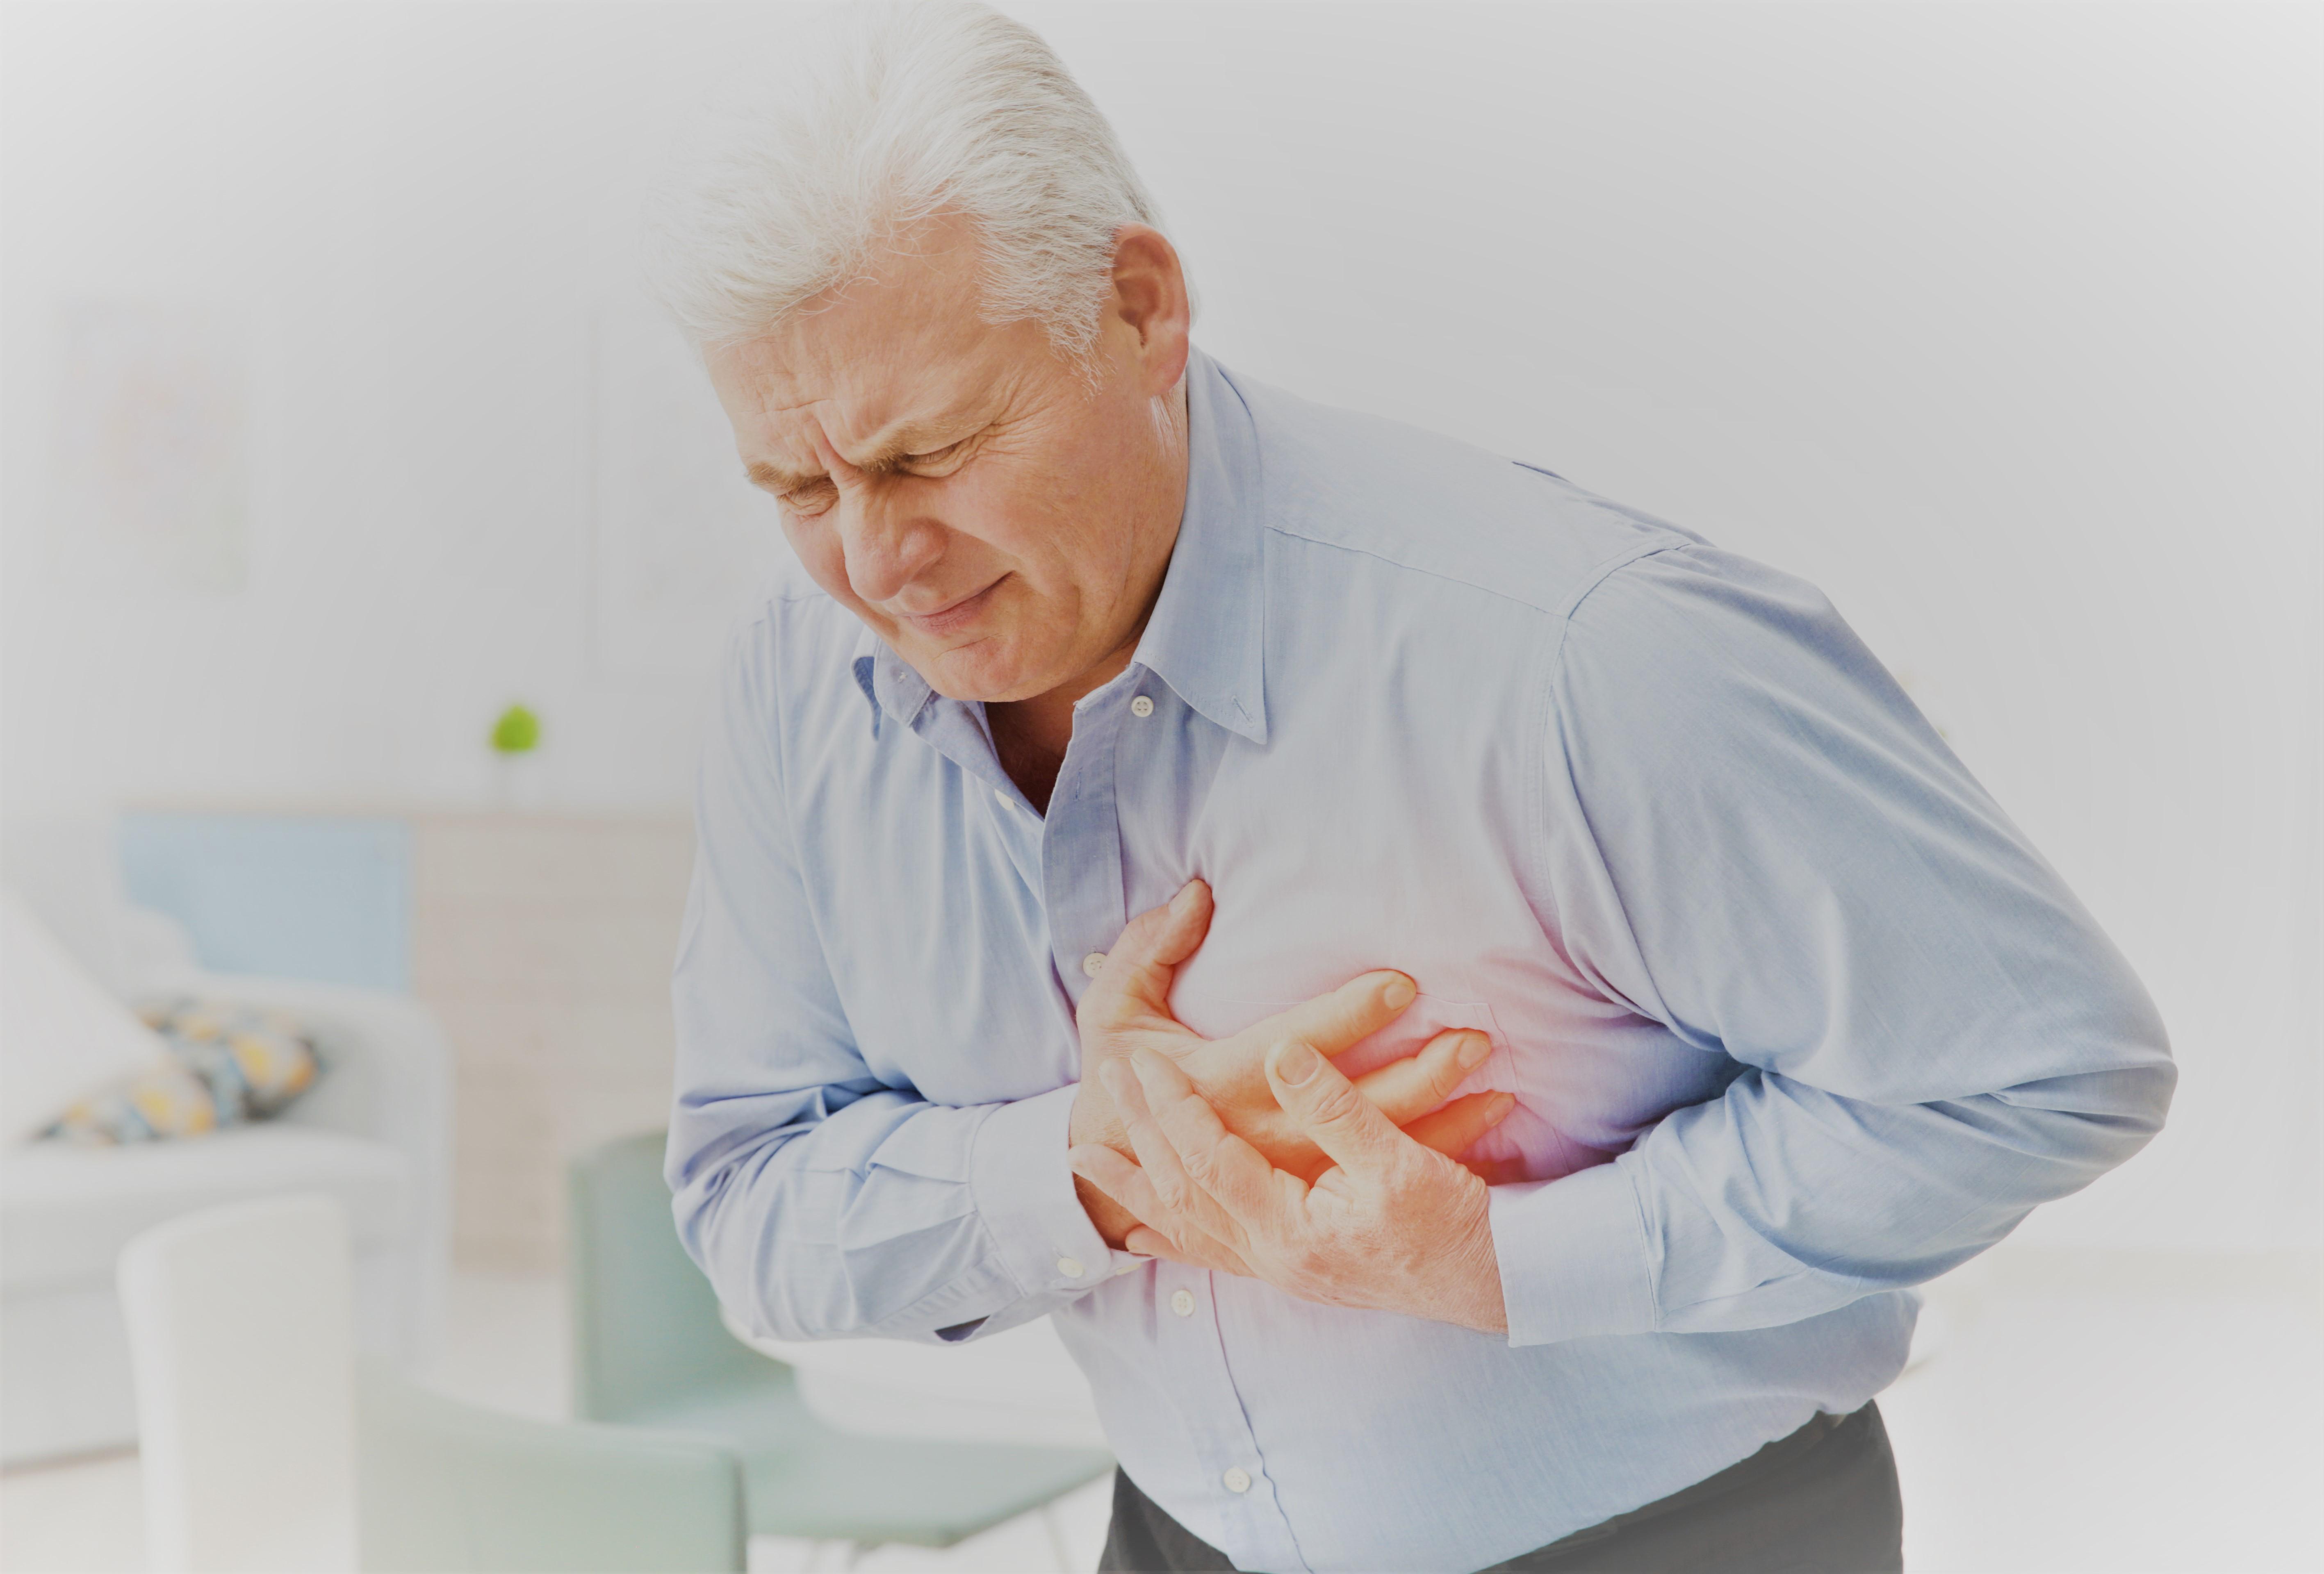 ízületi fájdalom hasi fájdalom az ízületek ízületi gyulladás első jelei